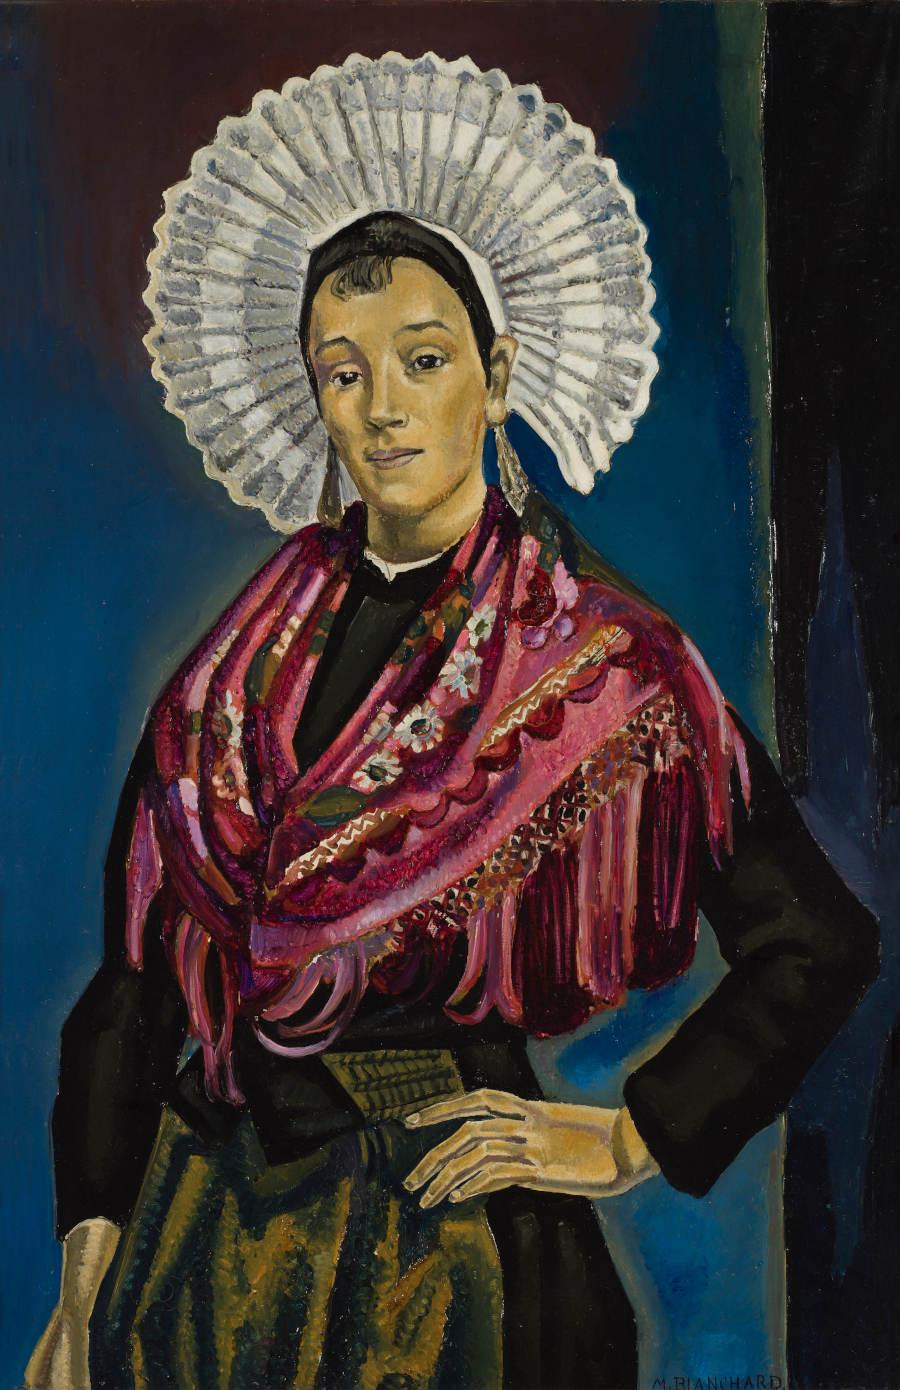 'Joven con cofia'. María Blanchard (1881-1932) Óleo sobre lienzo 1922-23 Madrid, Museo Nacional del Prado.